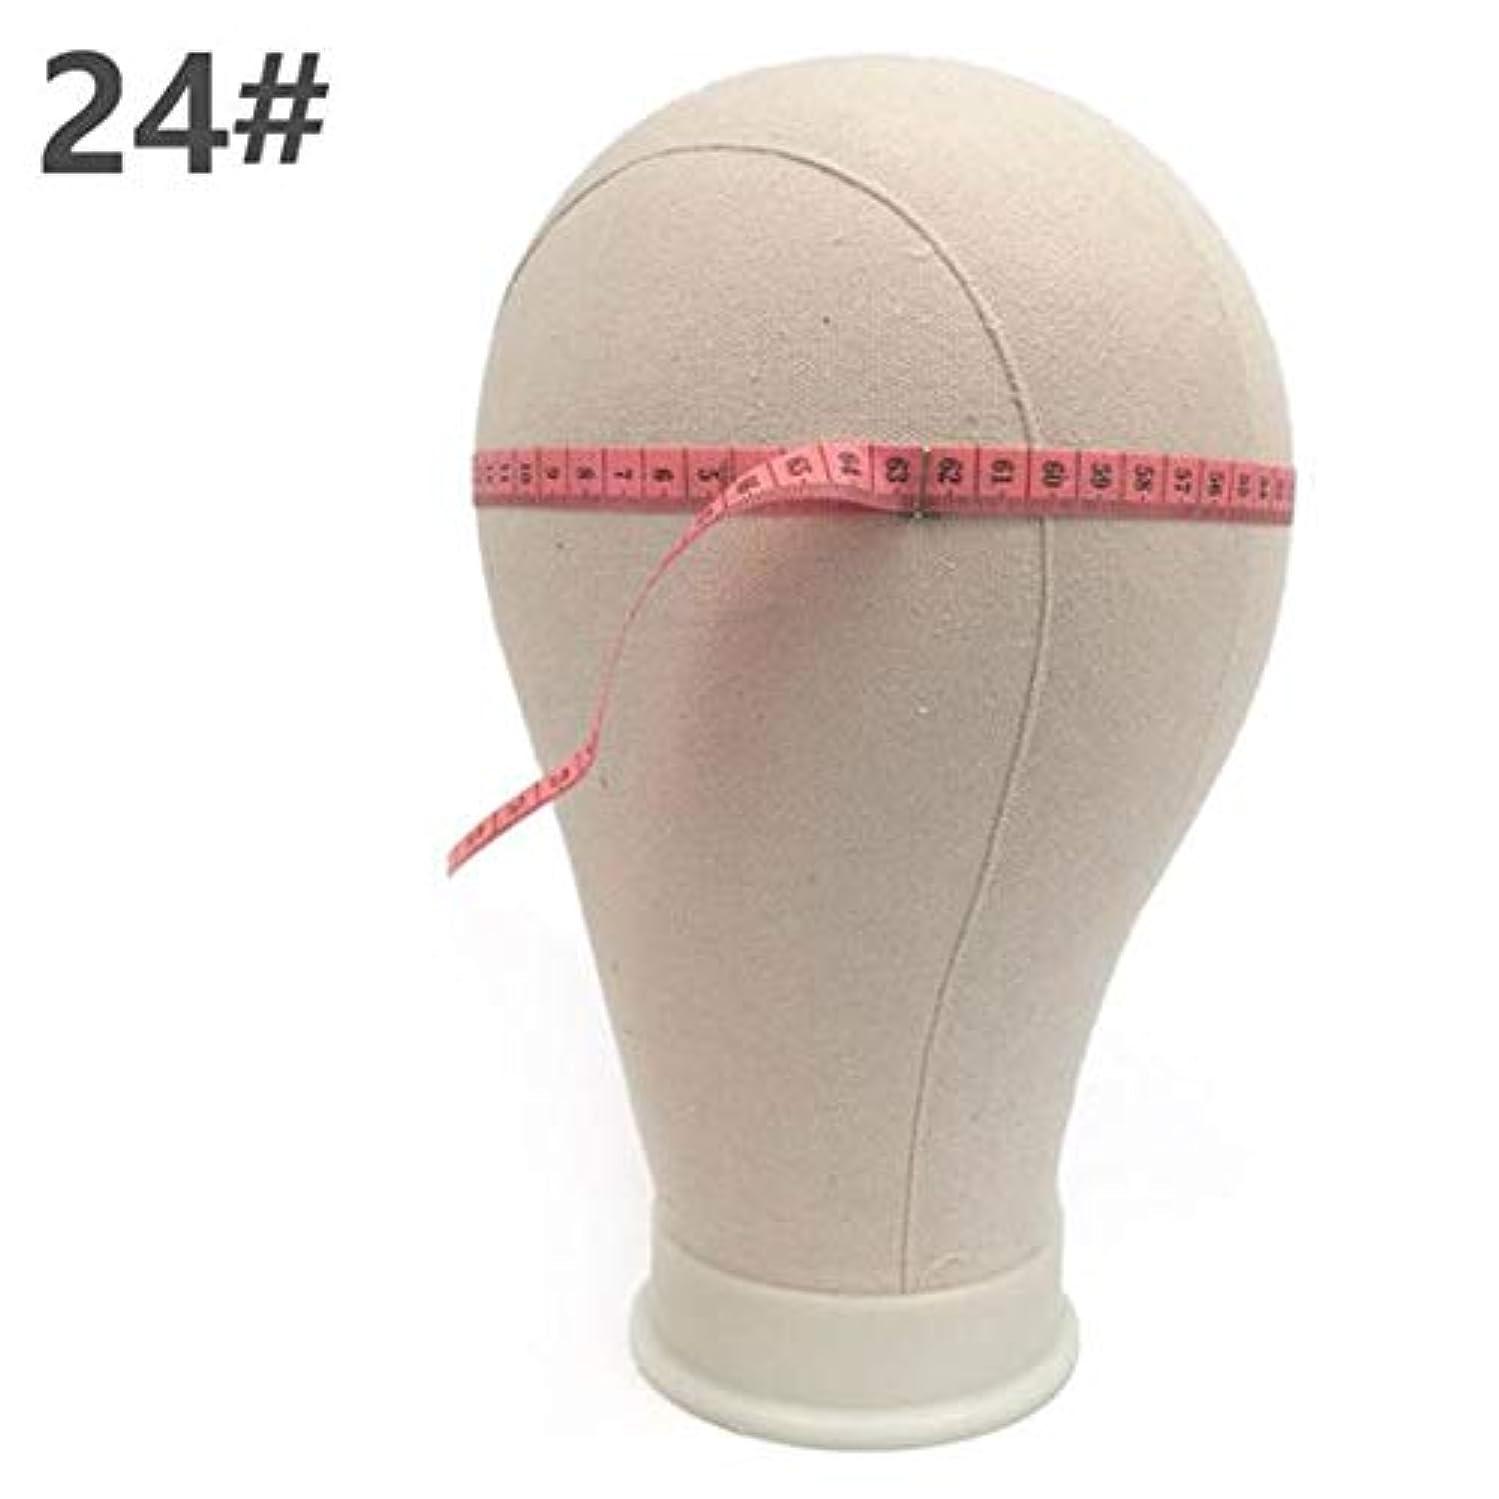 光電ウサギ球体ヘッドモールドウィッグブラケット仕上げウィッグ形状ピン止め可能な布布モデルヘッドキャンバスヘッドモデルヘッドウィッグ配置,D